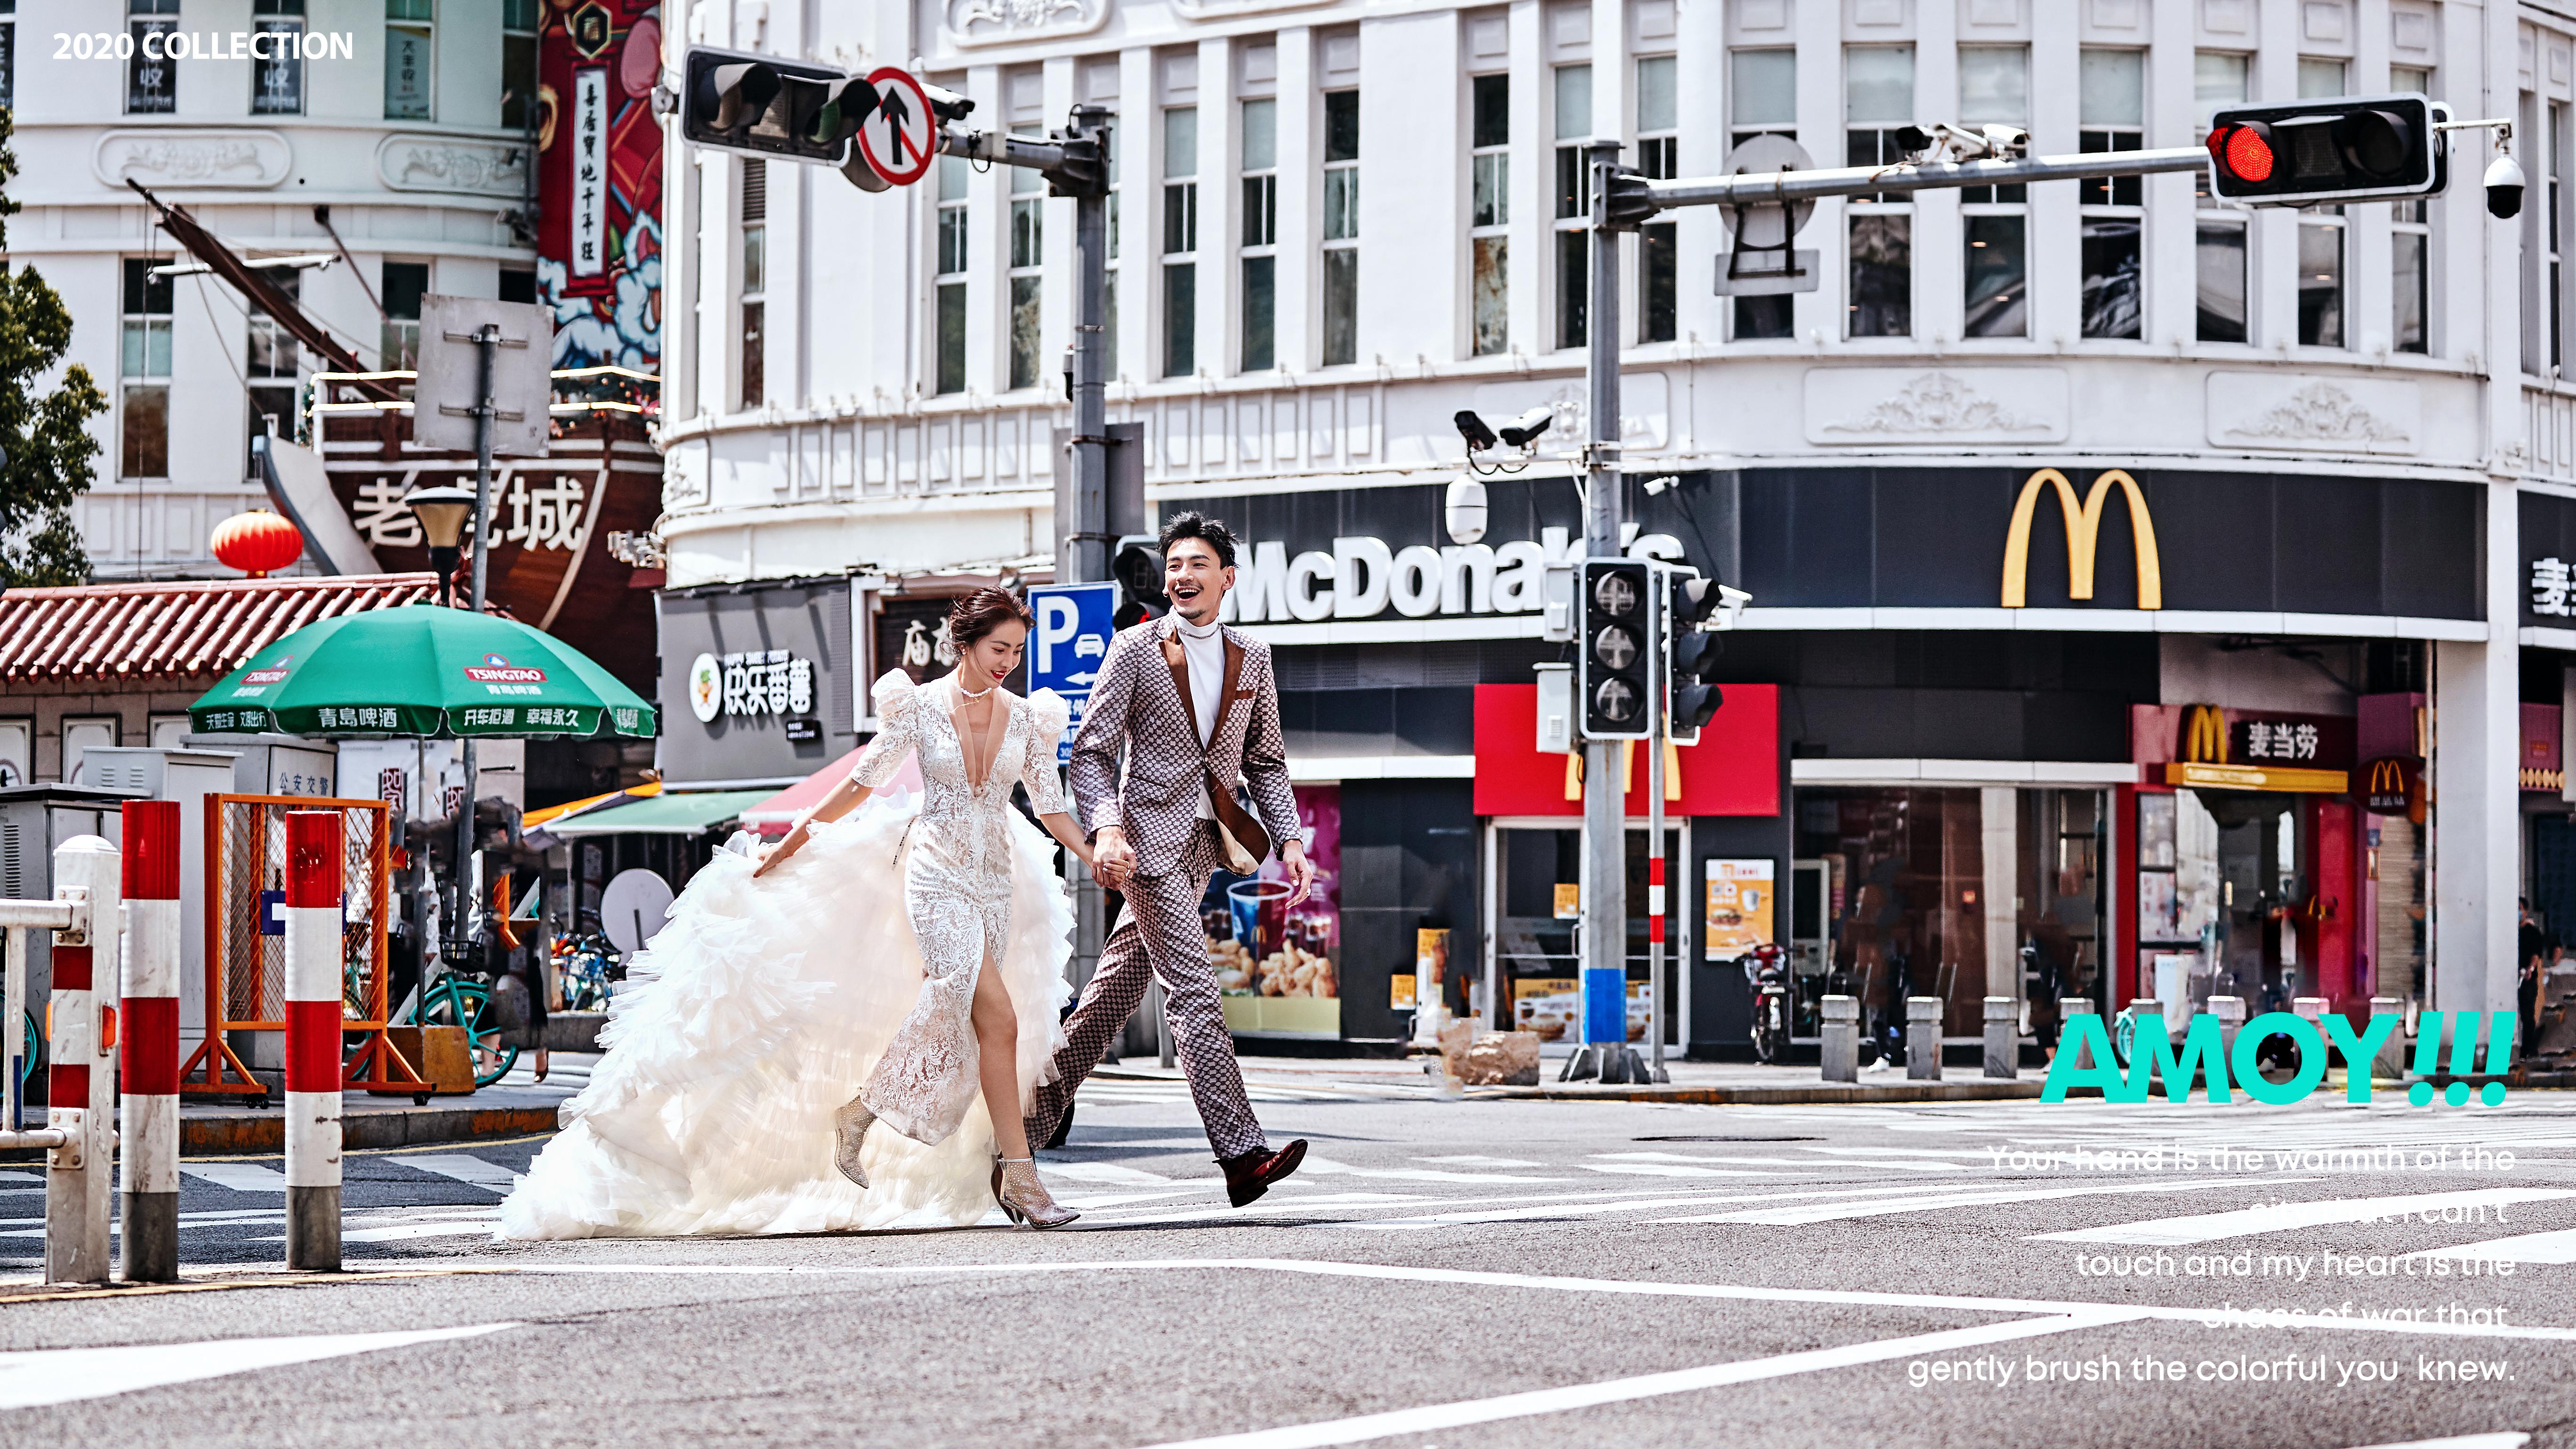 厦门婚纱摄影店哪家好 厦门婚纱照选片要去店里吗